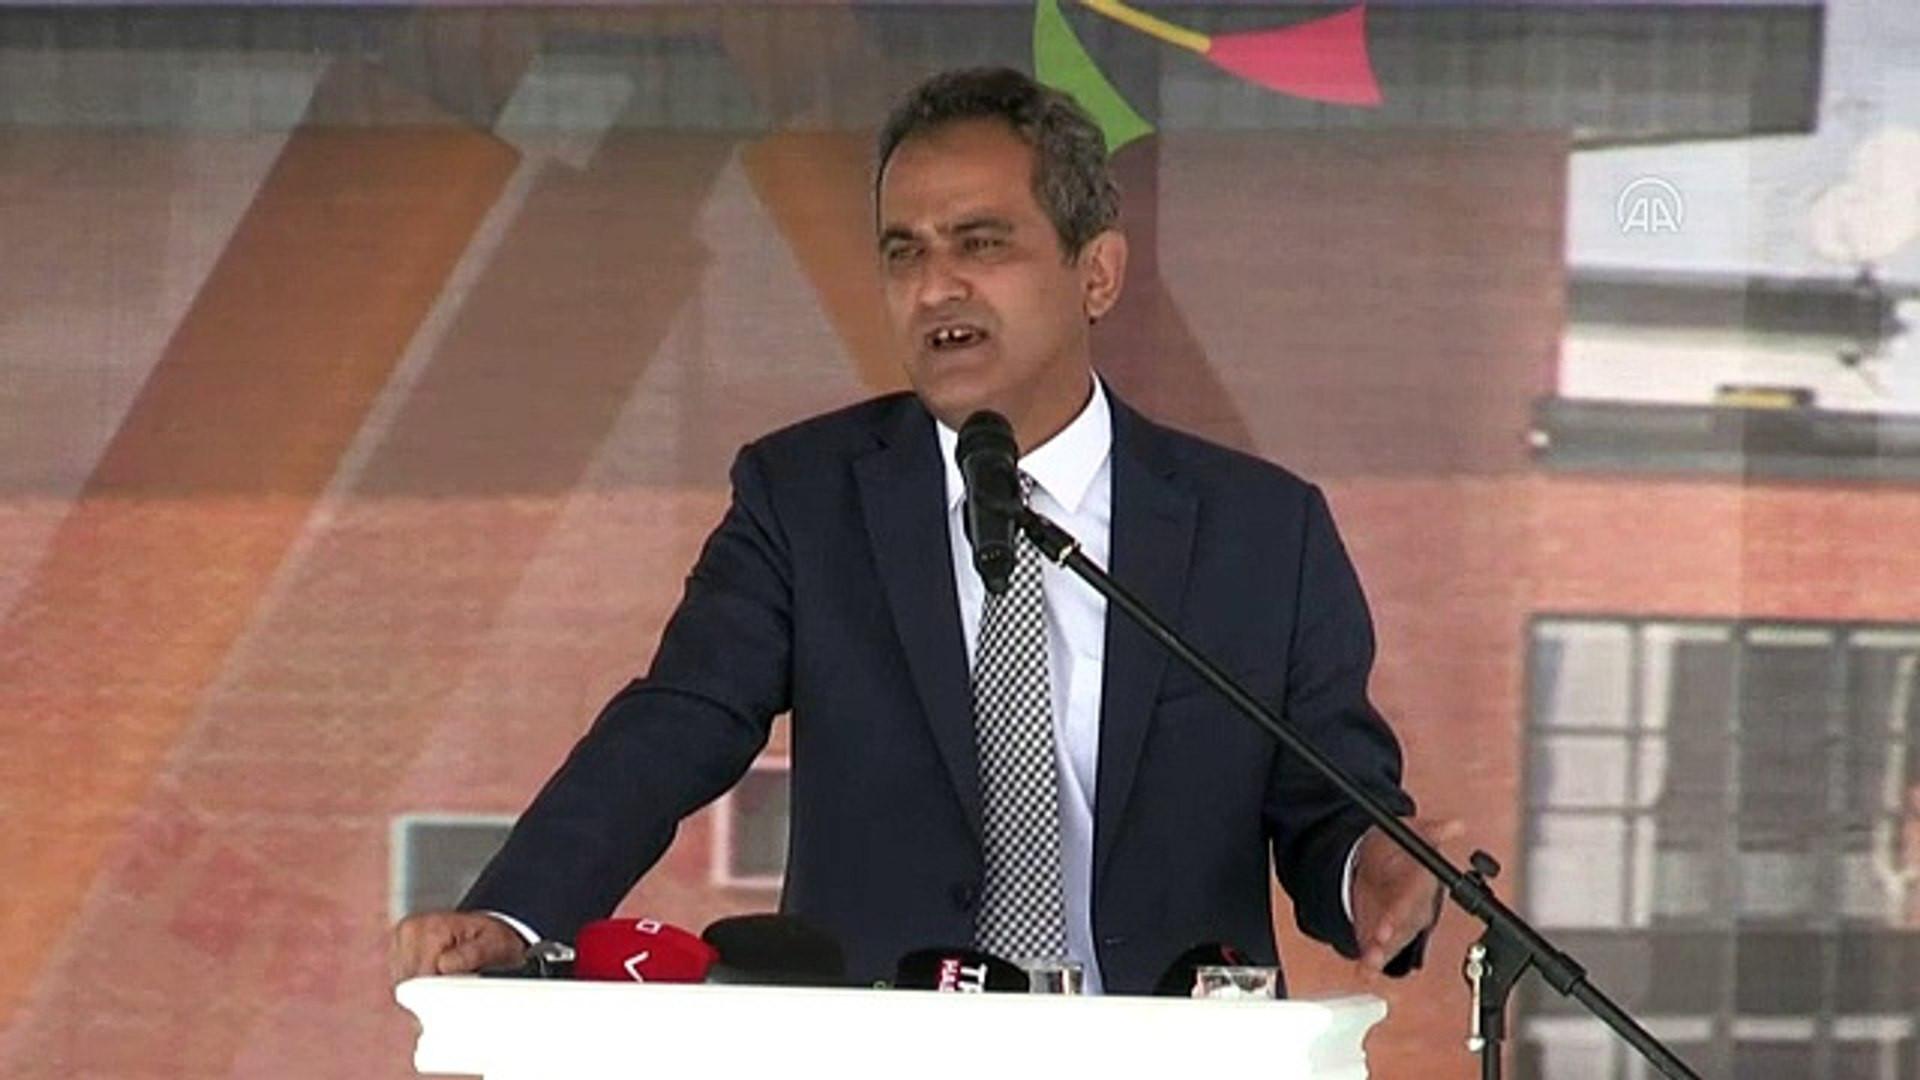 Milli Eğitim Bakanı Özer, yüz yüze eğitim için son kararı açıkaldı